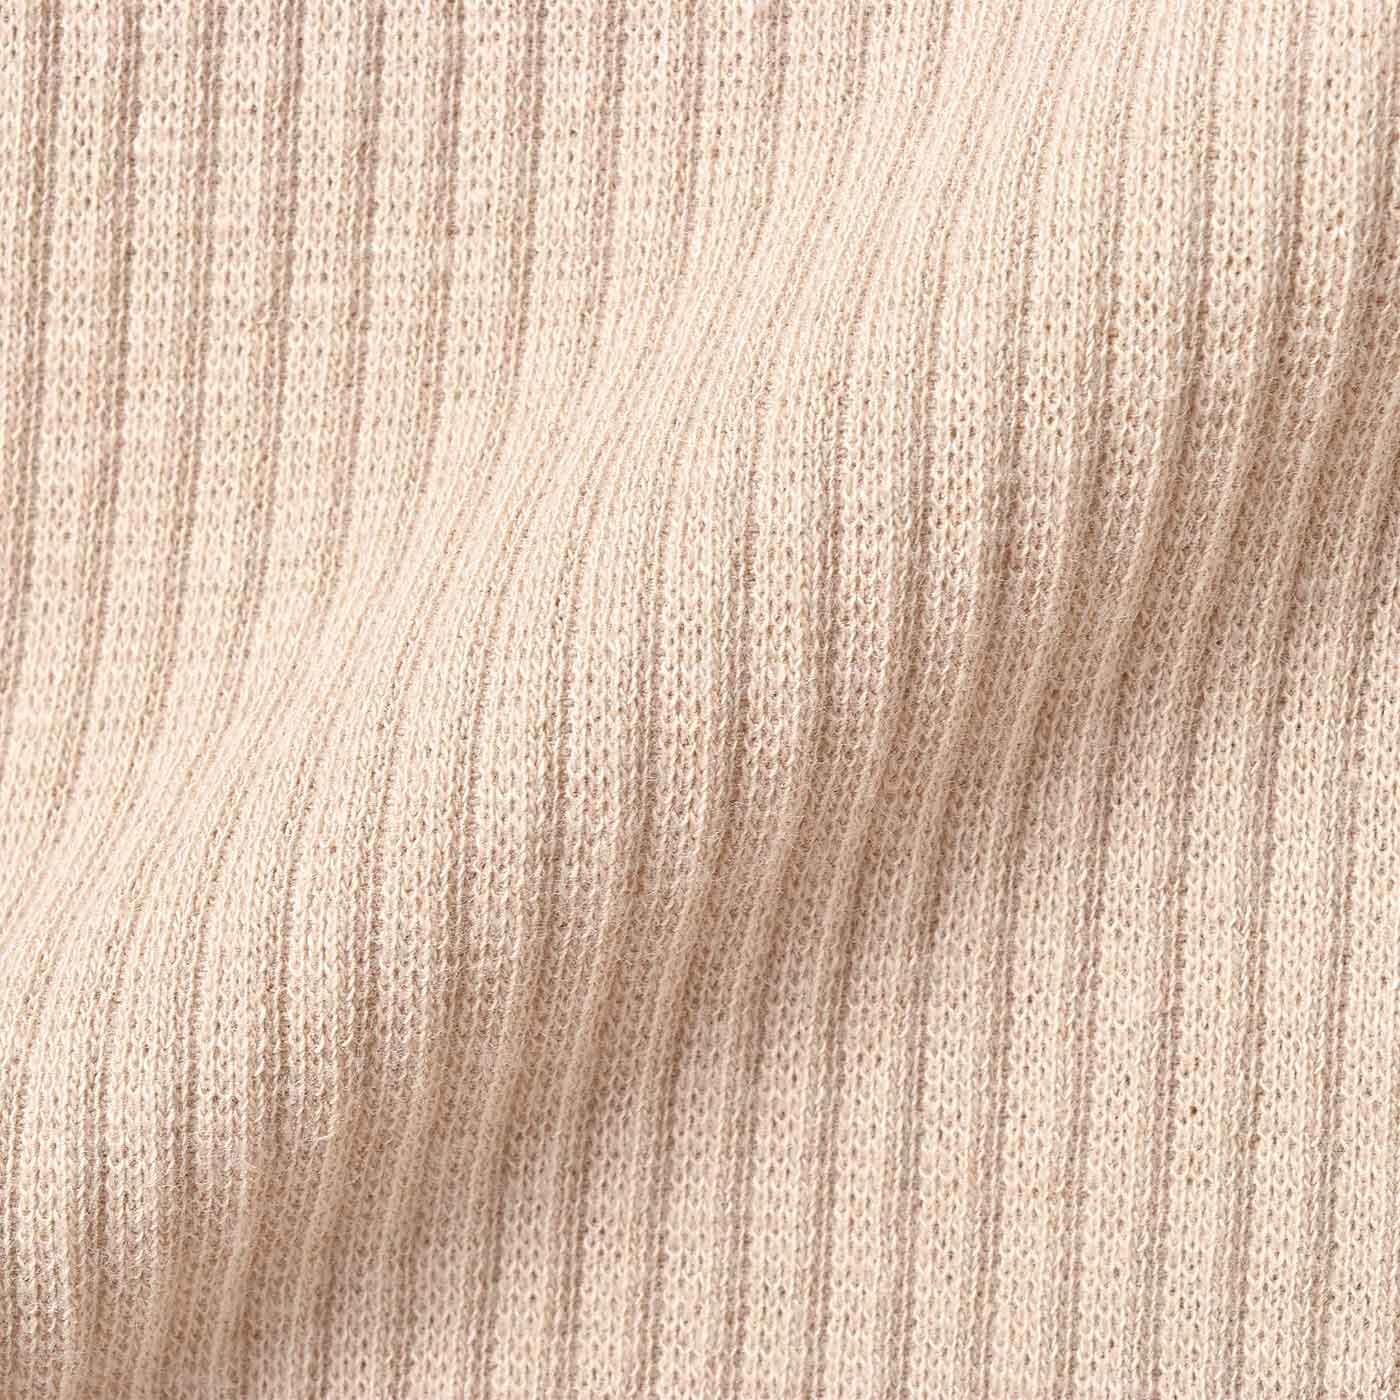 適度なフィット感とやわらかな肌ざわりの綿テレコ素材。